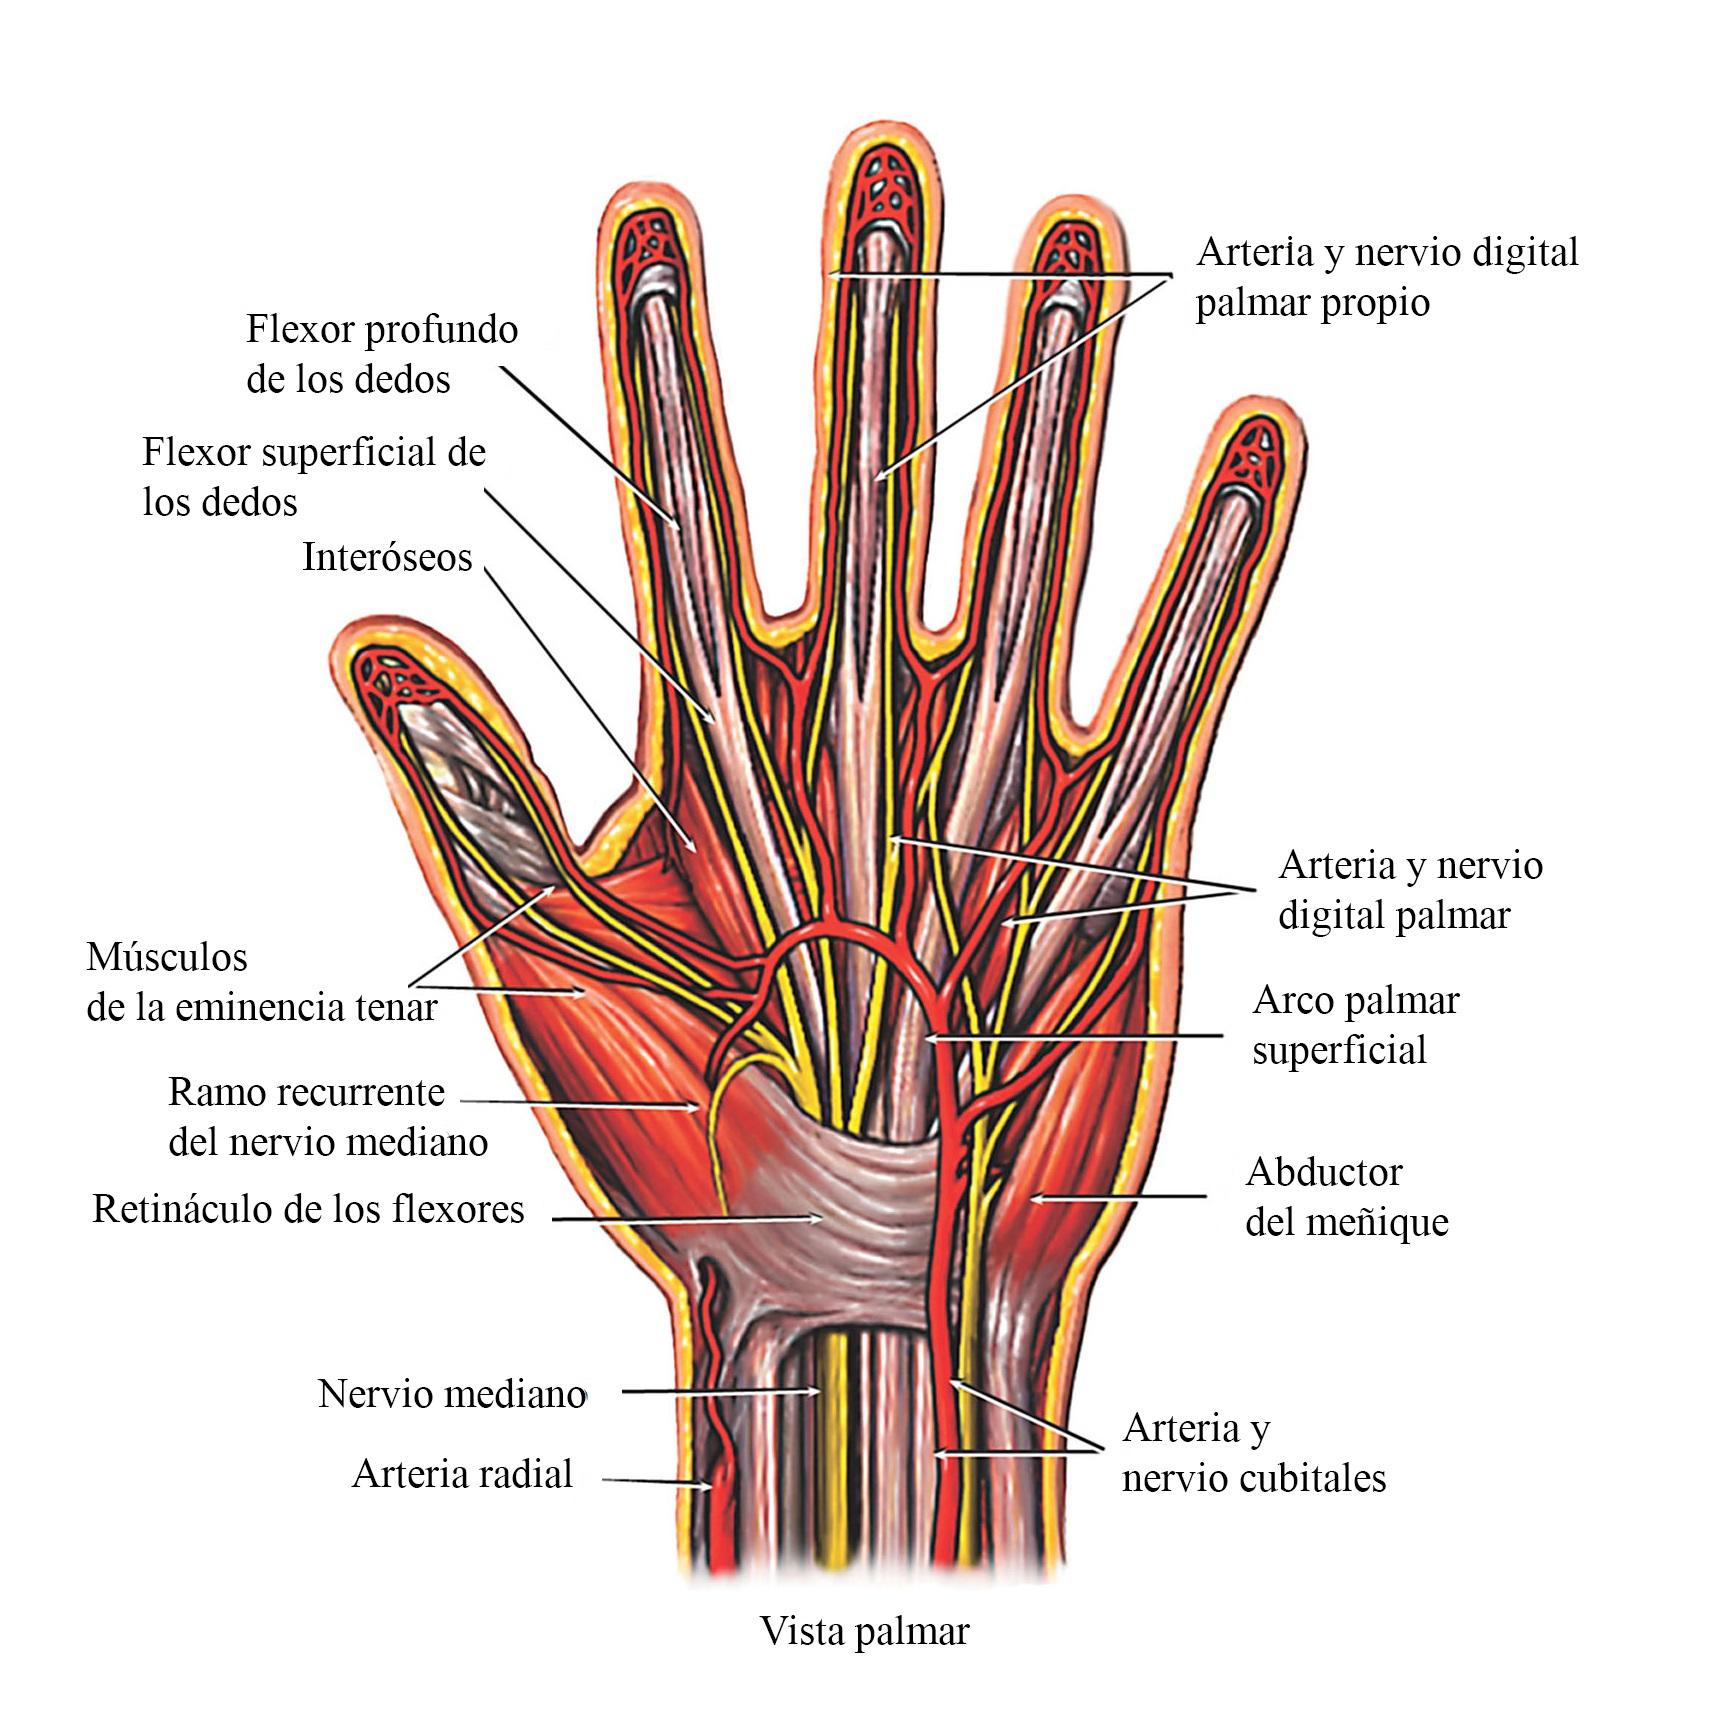 Fexores de los dedos, tendones